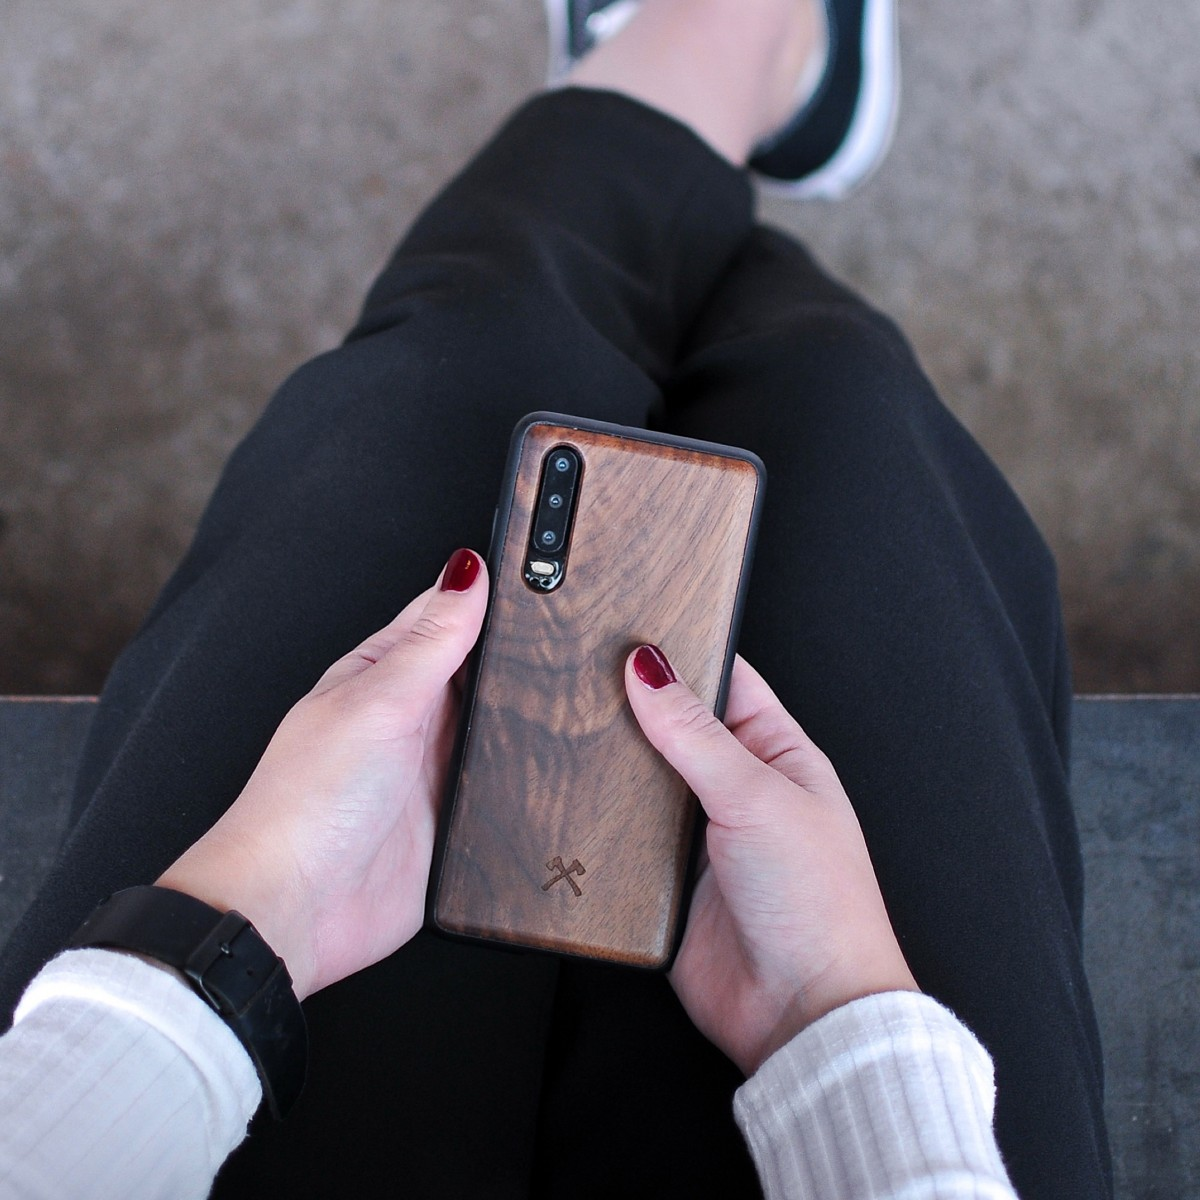 Woodcessories - EcoBump - Premium Design Hülle, Case, Cover, Schutzhülle für das Smartphone aus FSC zertifiziertem Walnuss Holz (Huawei P30)